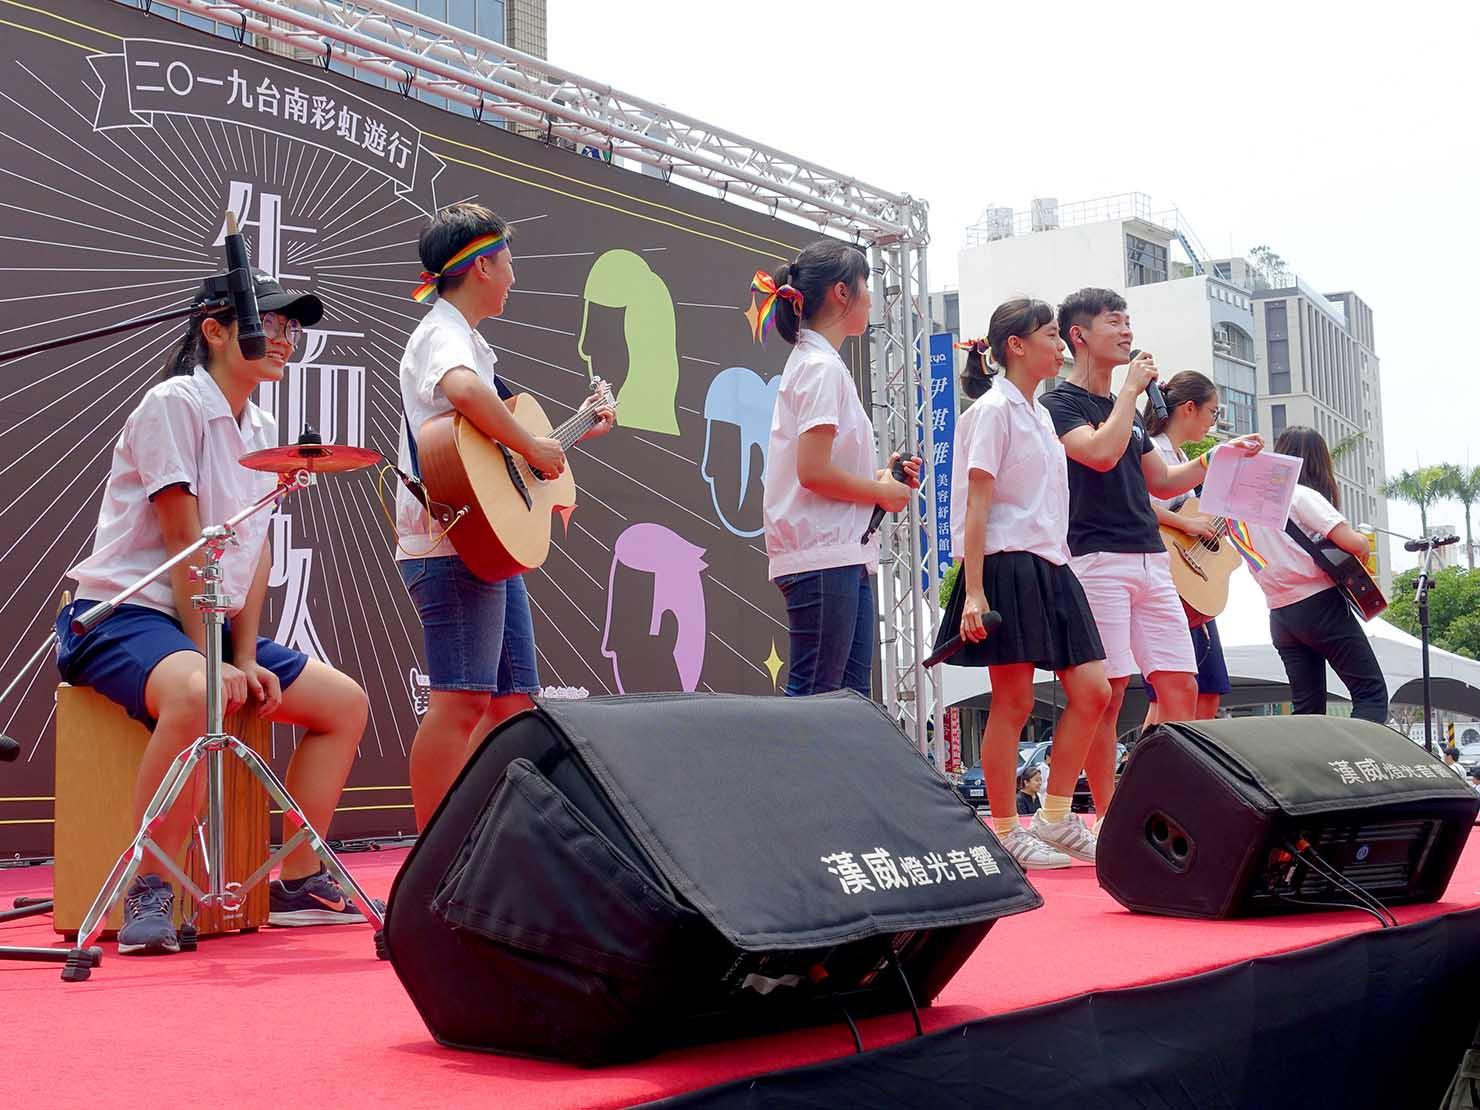 台南彩虹遊行(台南レインボーパレード)2019のステージでパフォーマンスする学生